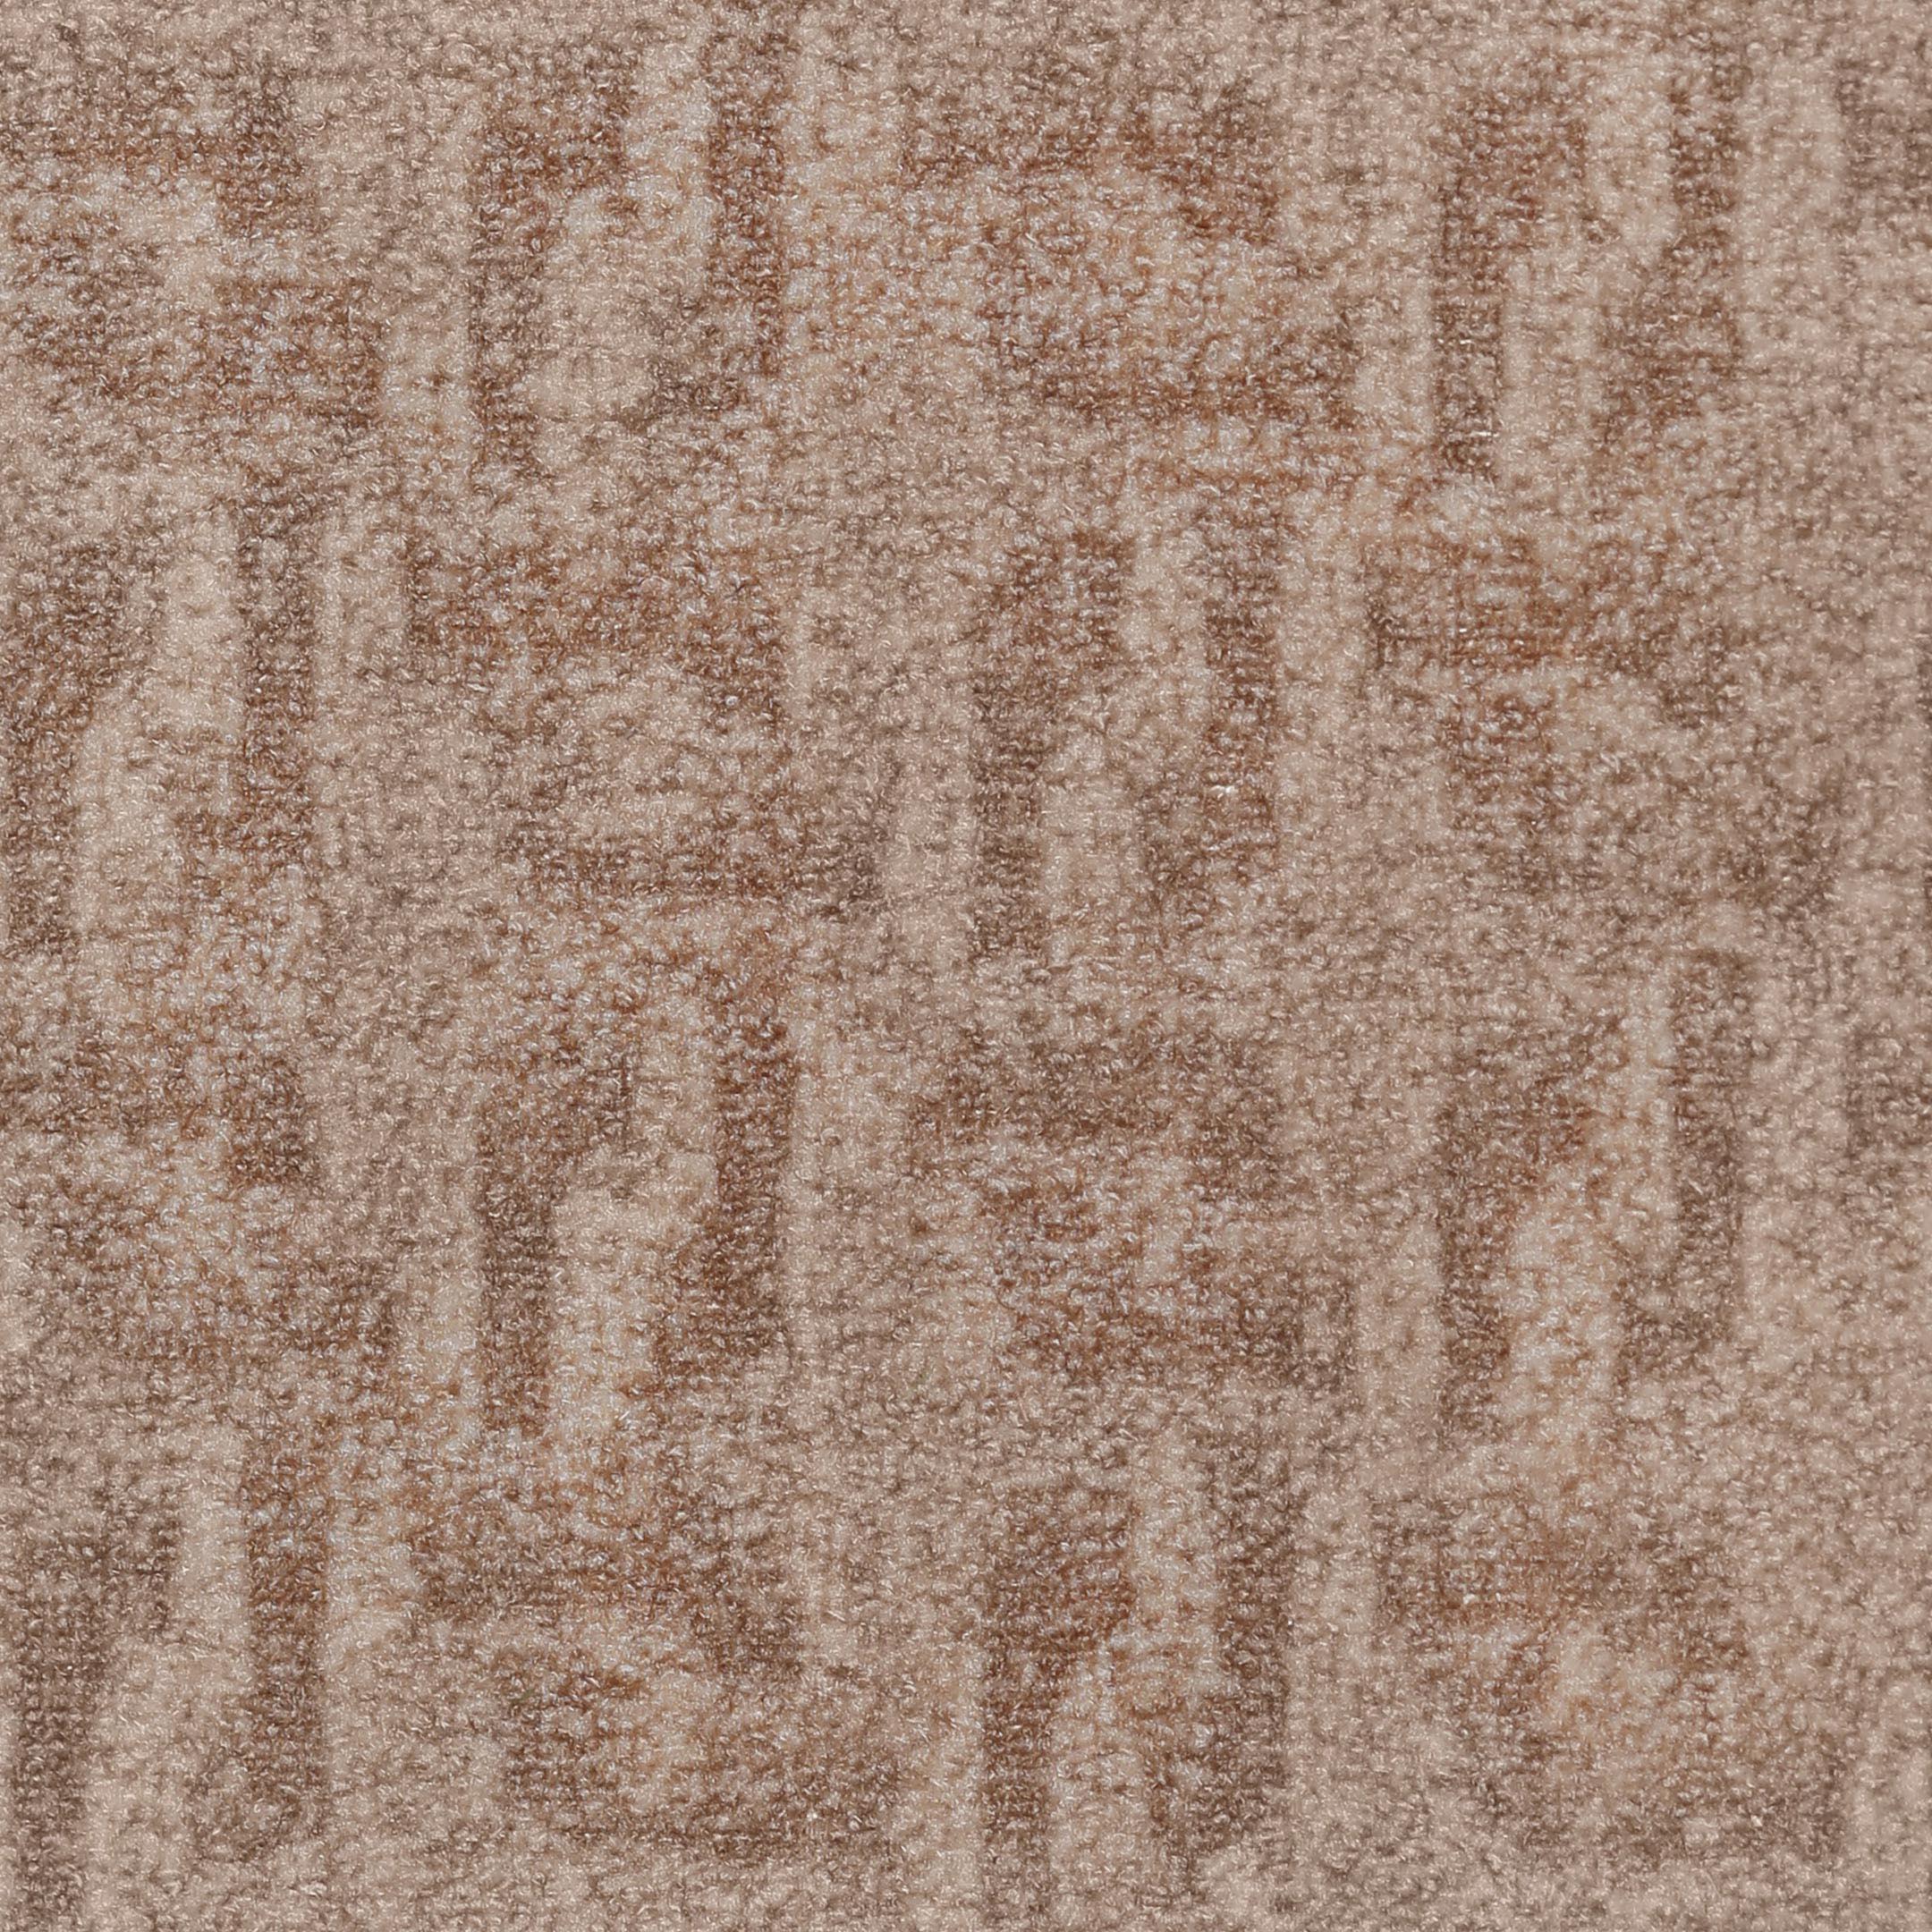 Ковролин Твистер 338 бежевый 4 м